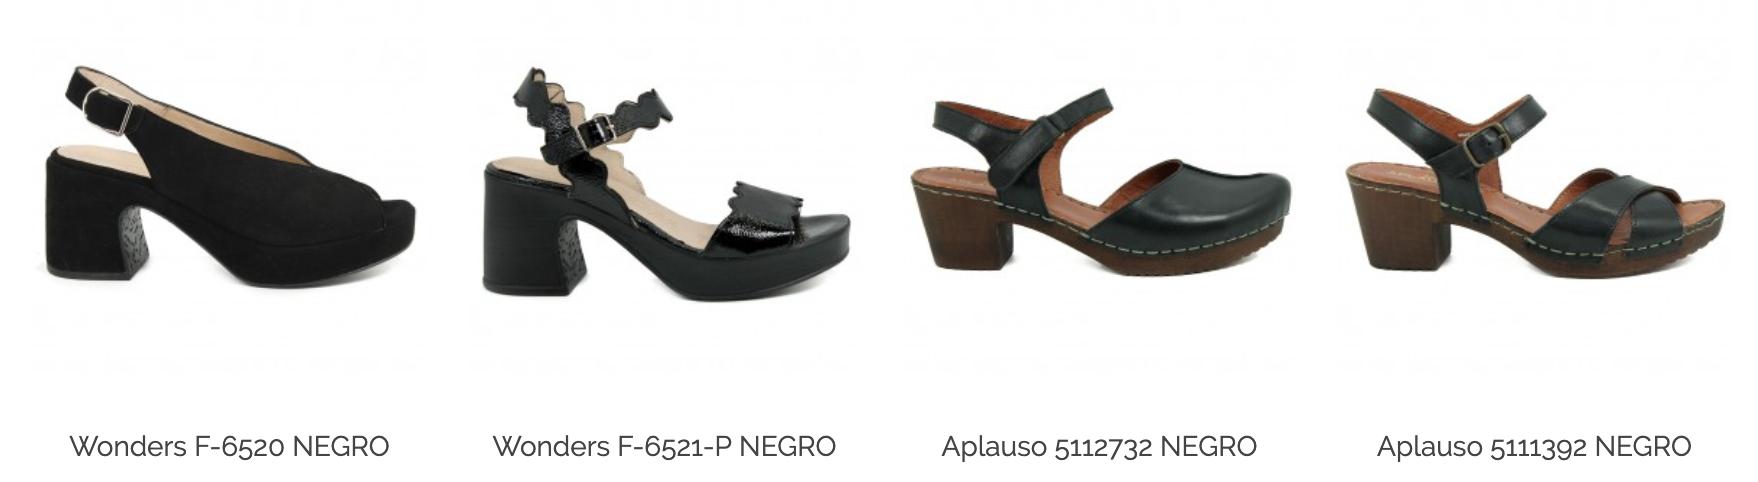 zapatos negros de mujer madrid